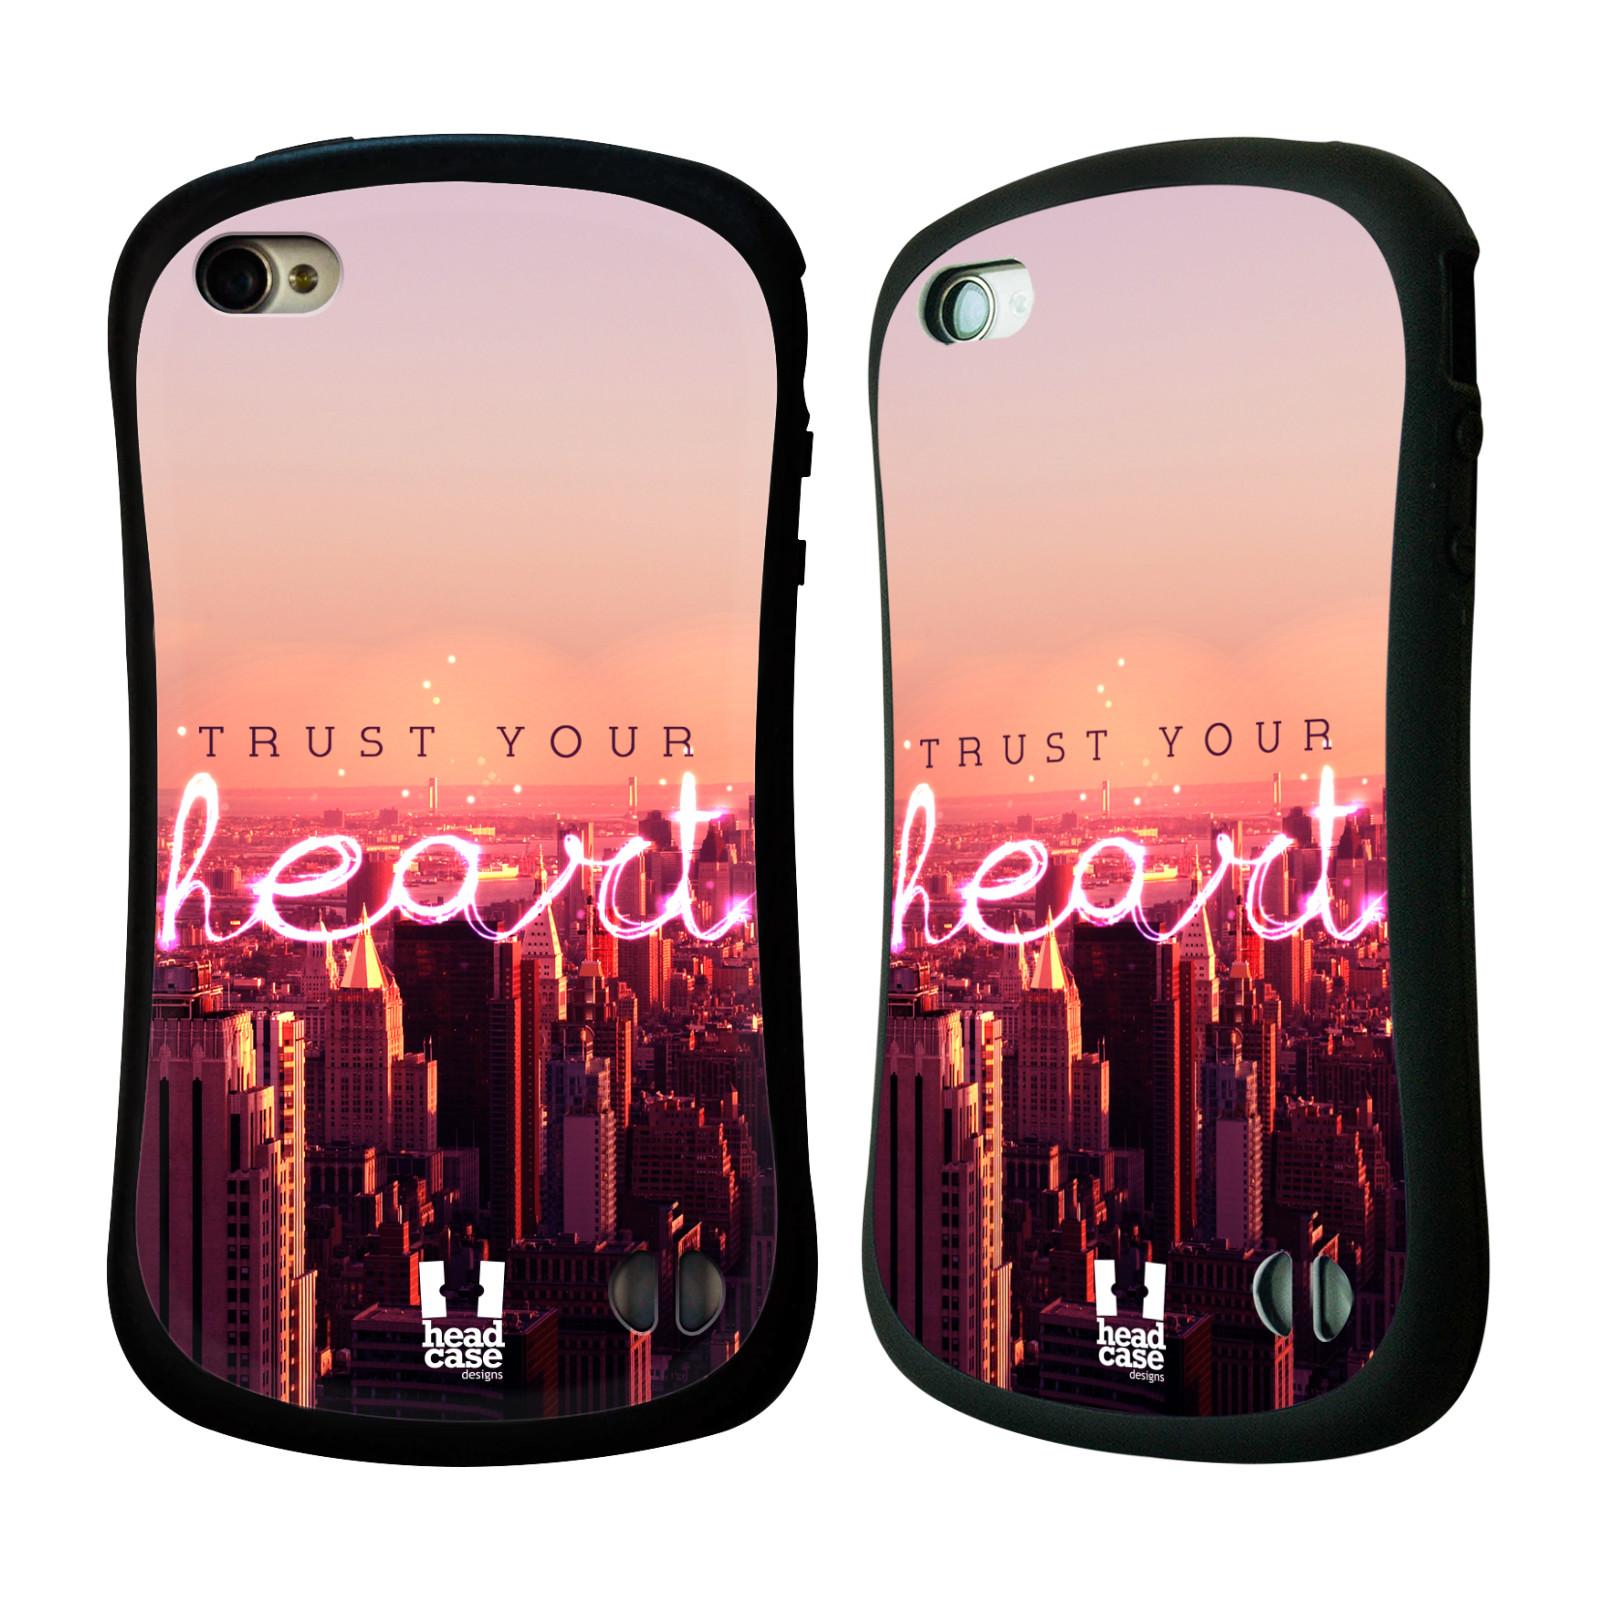 Nárazuvzdorné pouzdro na mobil Apple iPhone 4 a 4S HEAD CASE TRUST YOUR HEART (Odolný nárazuvzdorný silikonový kryt či obal na mobilní telefon Apple iPhone 4 a 4S)